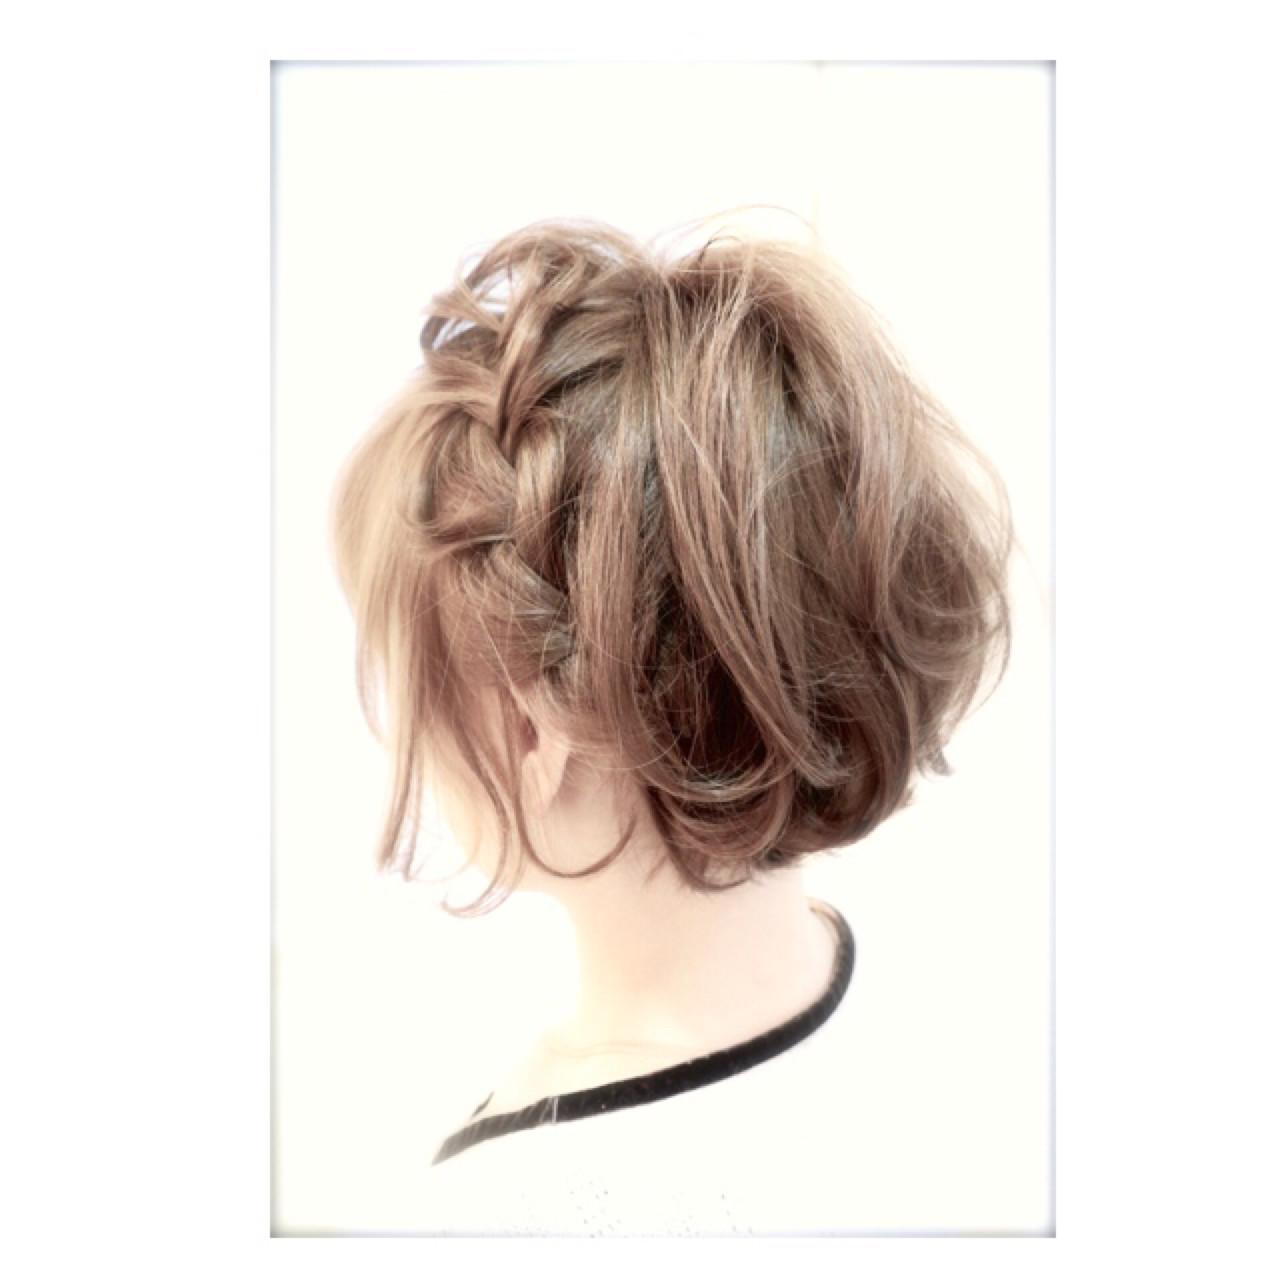 [詳しい方法付き]毎日をオシャレに飾りたい!誰でもできる簡単ヘアアレンジ特集 出典:Takumi / Beronic